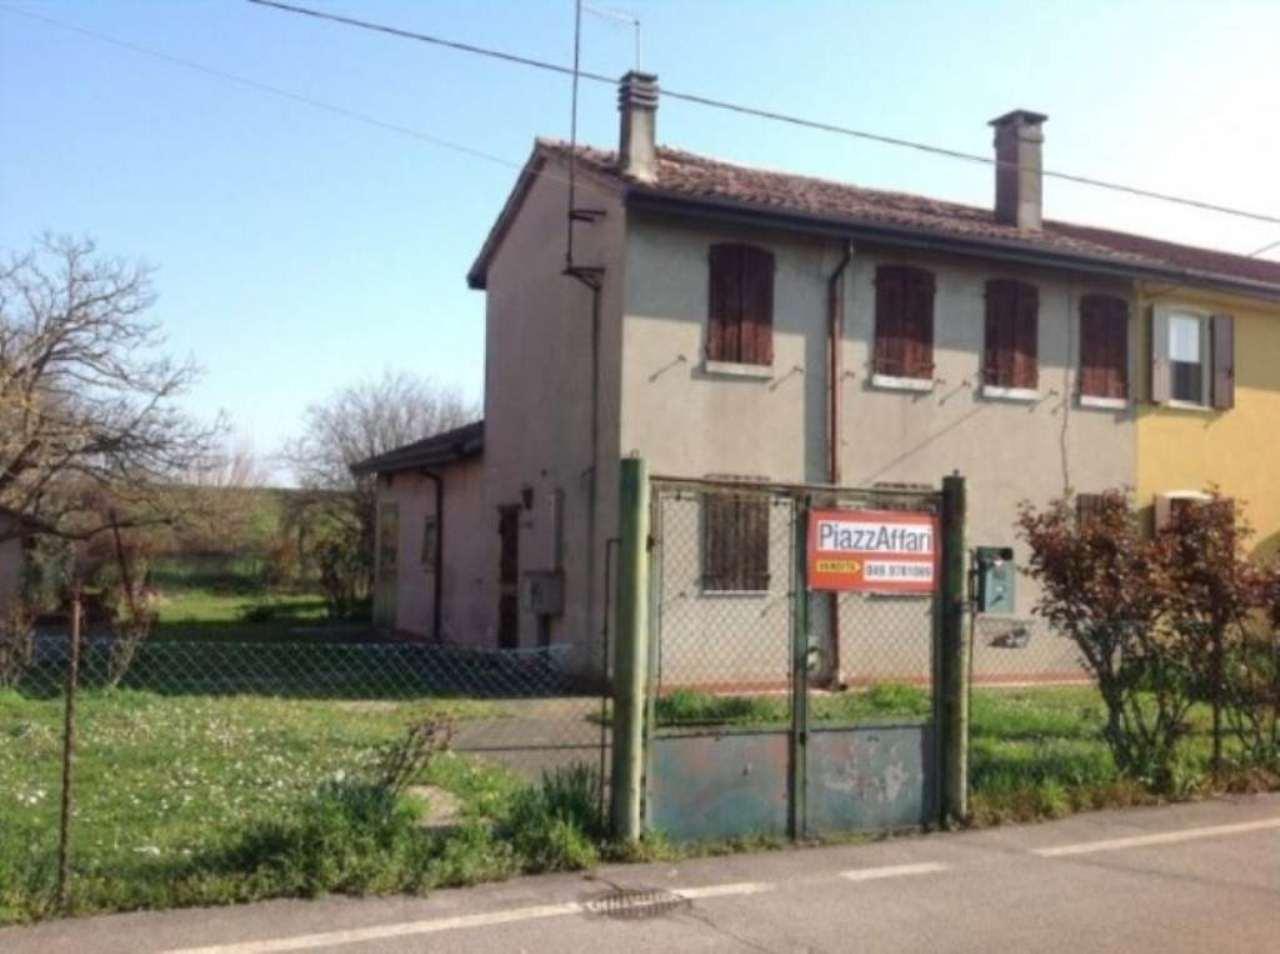 Soluzione Indipendente in vendita a Pontelongo, 5 locali, prezzo € 80.000 | CambioCasa.it